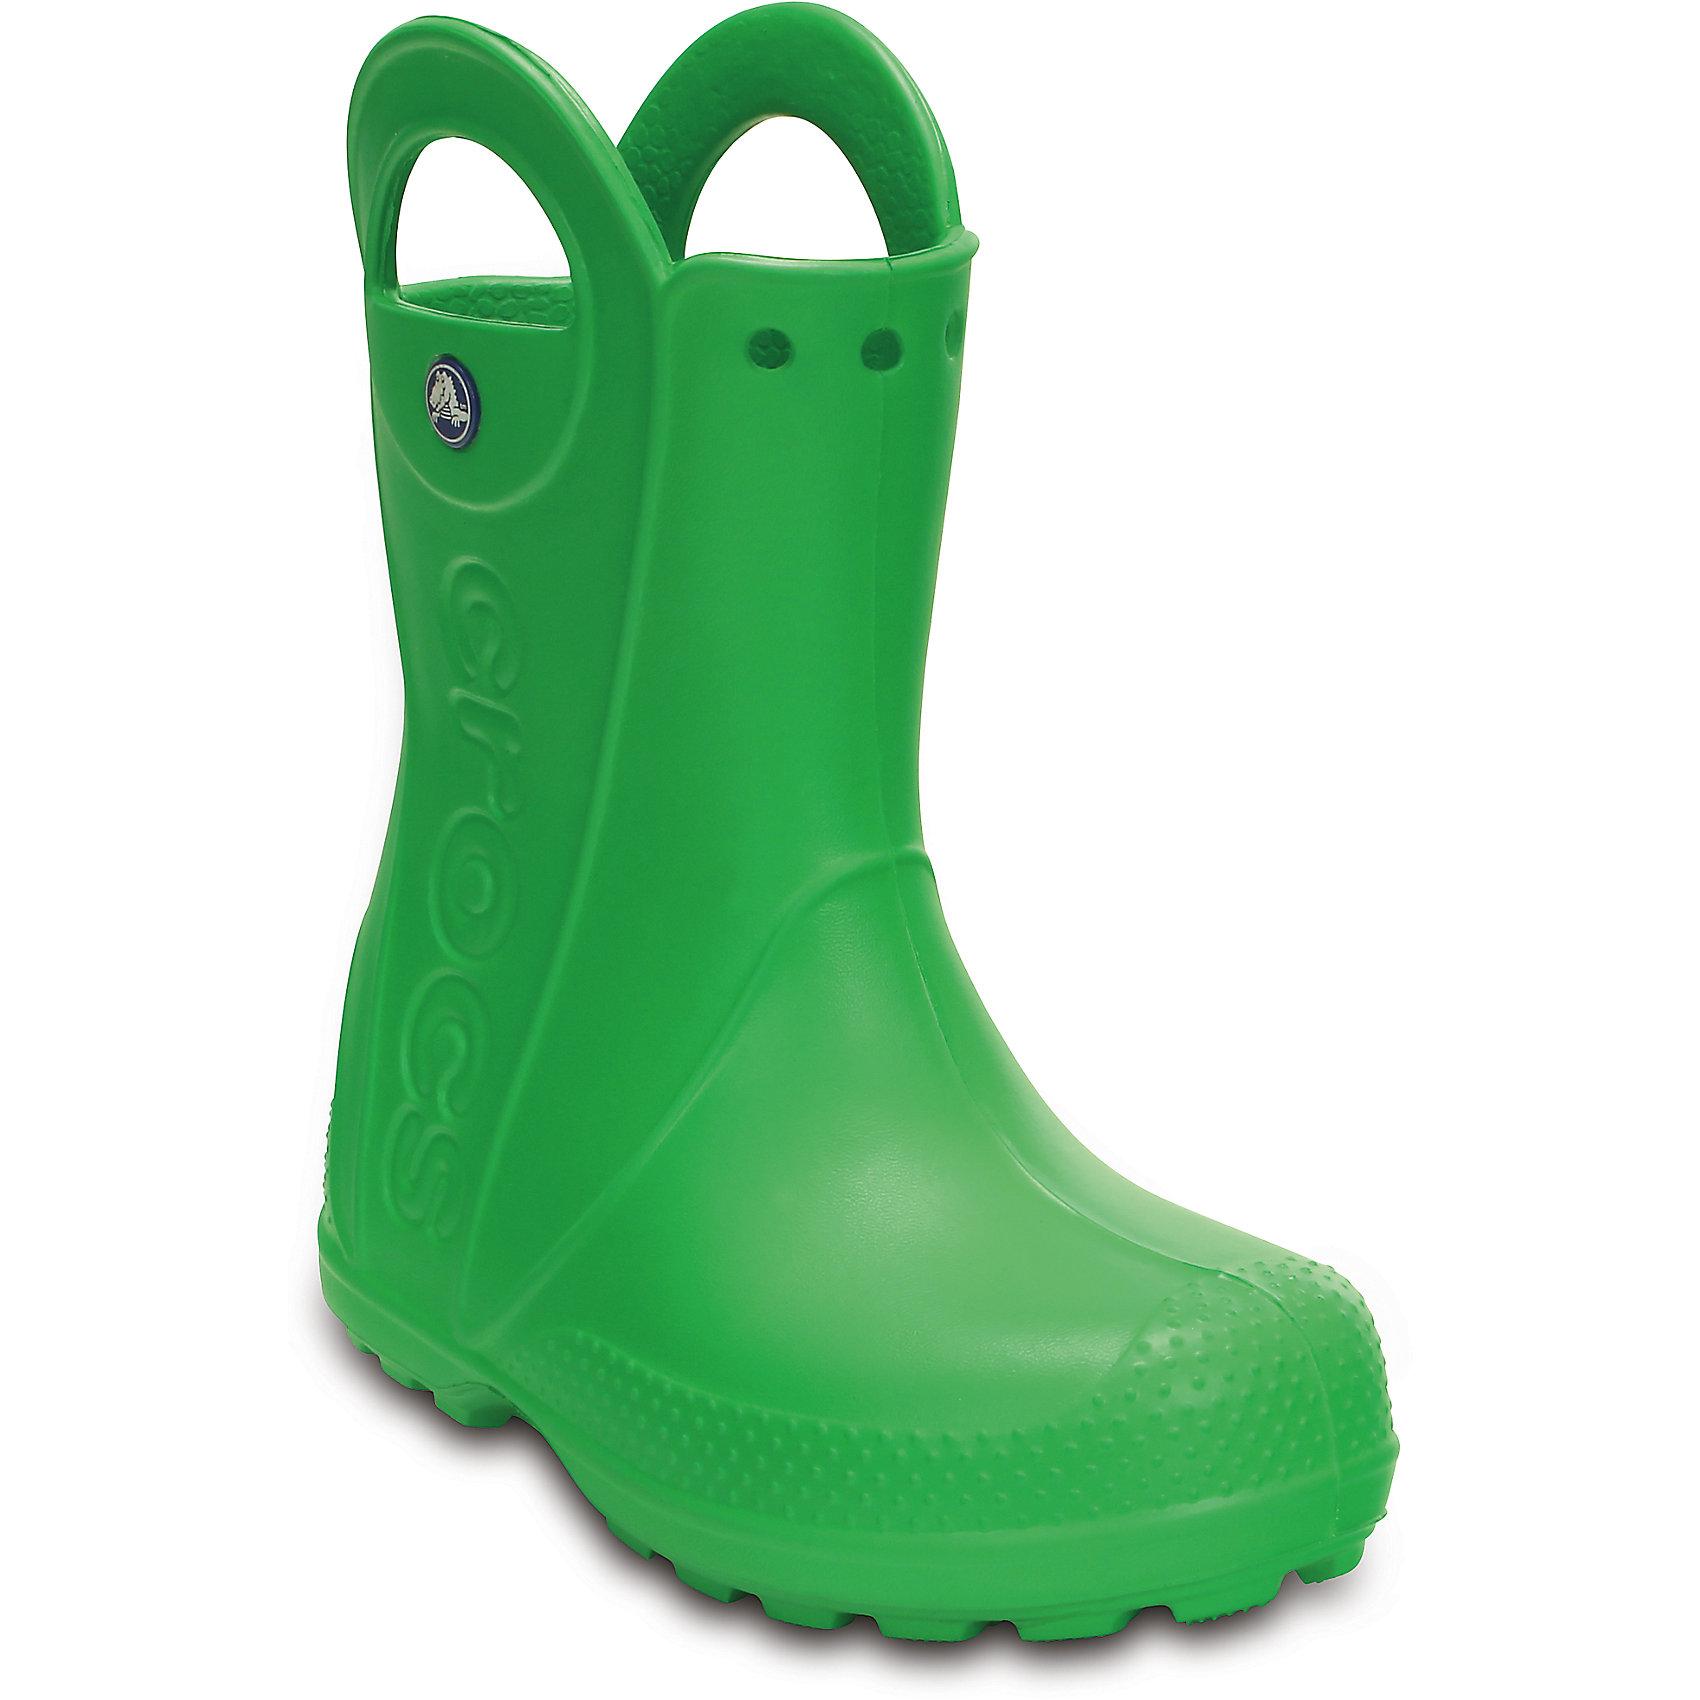 Резиновые сапоги Kids' Handle It Rain Boot Crocs, зеленыйРезиновые сапоги<br>Характеристики товара:<br><br>• цвет: зеленый<br>• материал: 100% полимер Croslite™<br>• непромокаемые<br>• температурный режим: от +5° до +25° С<br>• легко моются<br>• антискользящая подошва<br>• ручки<br>• толстая устойчивая подошва<br>• страна бренда: США<br>• страна изготовитель: Китай<br><br>Для детской обуви крайне важно, чтобы она была удобной. <br><br>Сапоги легко надеваются и снимаются, отлично сидят на ноге. <br><br>Материал препятствует образованию неприятного запаха и появлению болезней стоп. <br><br>Данная модель особенно понравится детям - ведь в них можно бегать по лужам!<br><br>Резиновые сапоги от торговой марки Crocs можно купить в нашем интернет-магазине.<br><br>Ширина мм: 257<br>Глубина мм: 180<br>Высота мм: 130<br>Вес г: 420<br>Цвет: зеленый<br>Возраст от месяцев: 18<br>Возраст до месяцев: 21<br>Пол: Унисекс<br>Возраст: Детский<br>Размер: 23,31/32,32,26,25,34,33,30,29,28,27,24<br>SKU: 4226504